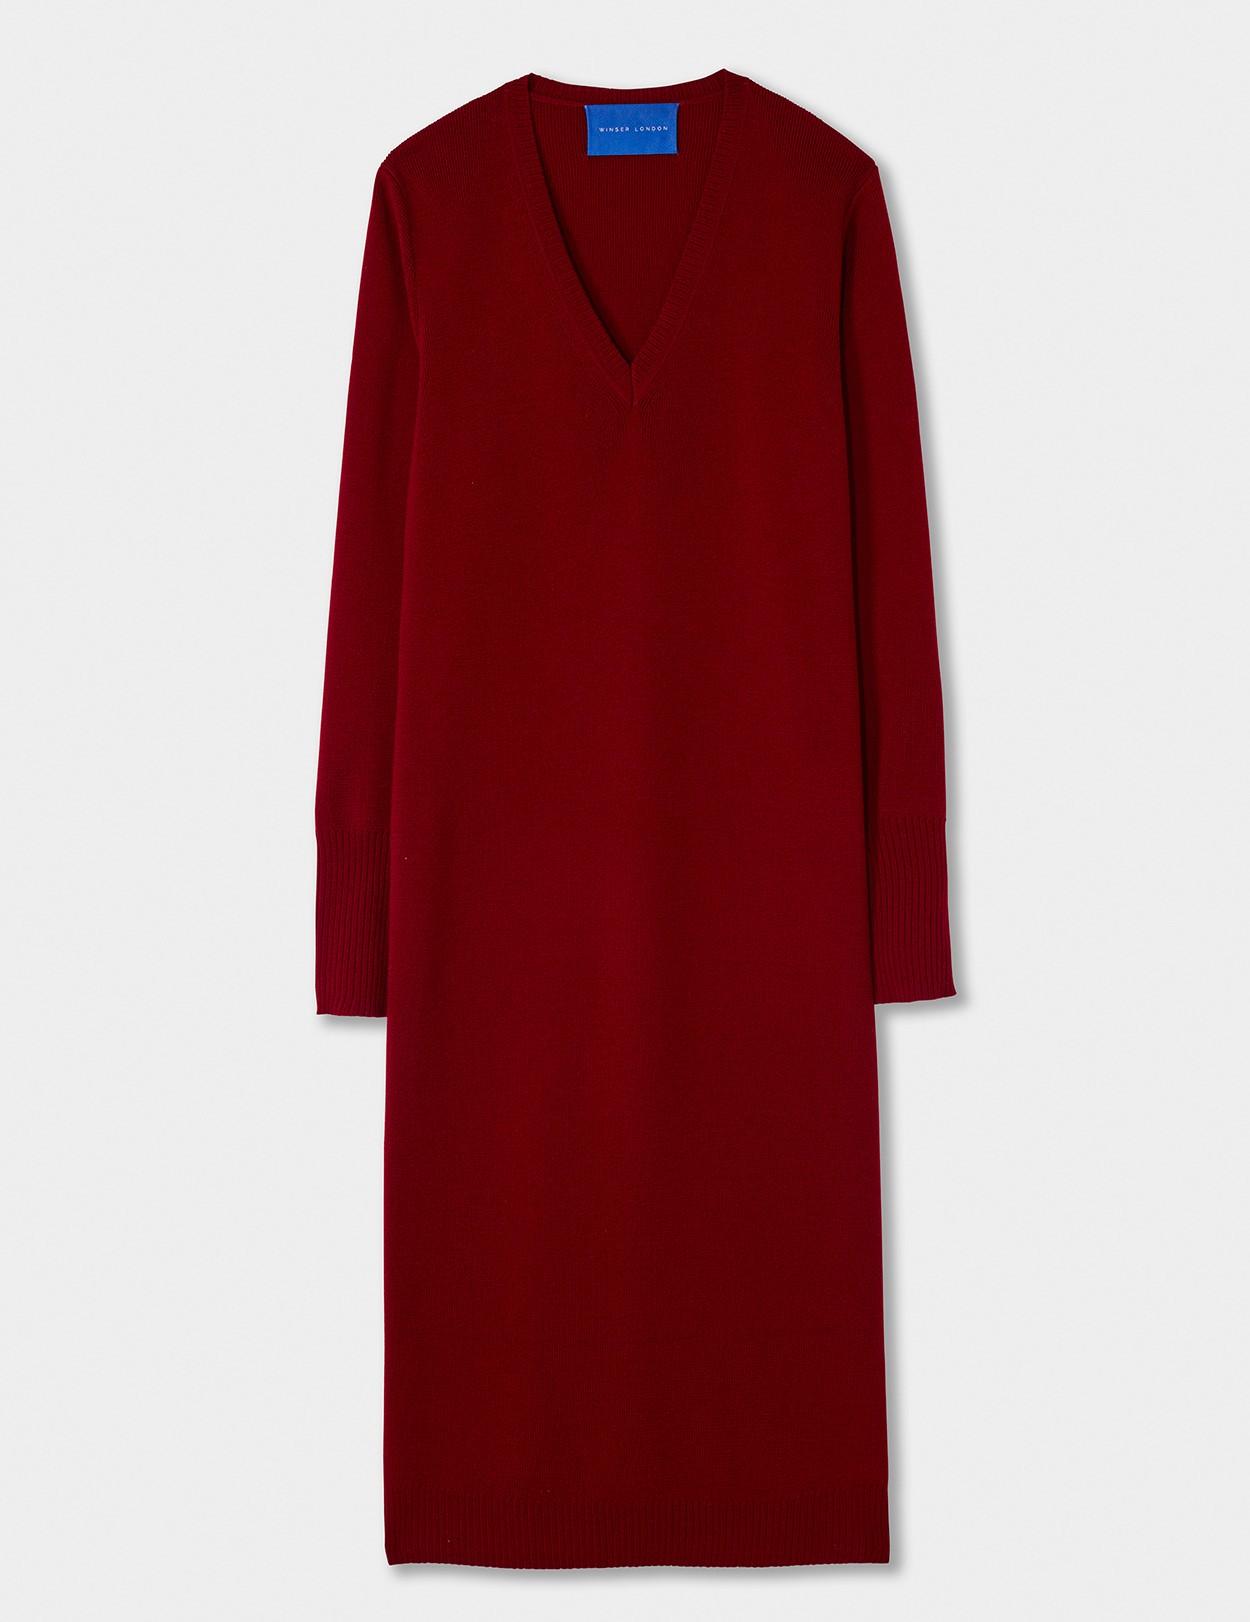 WINSER LONDON MERINO V NECK DRESS